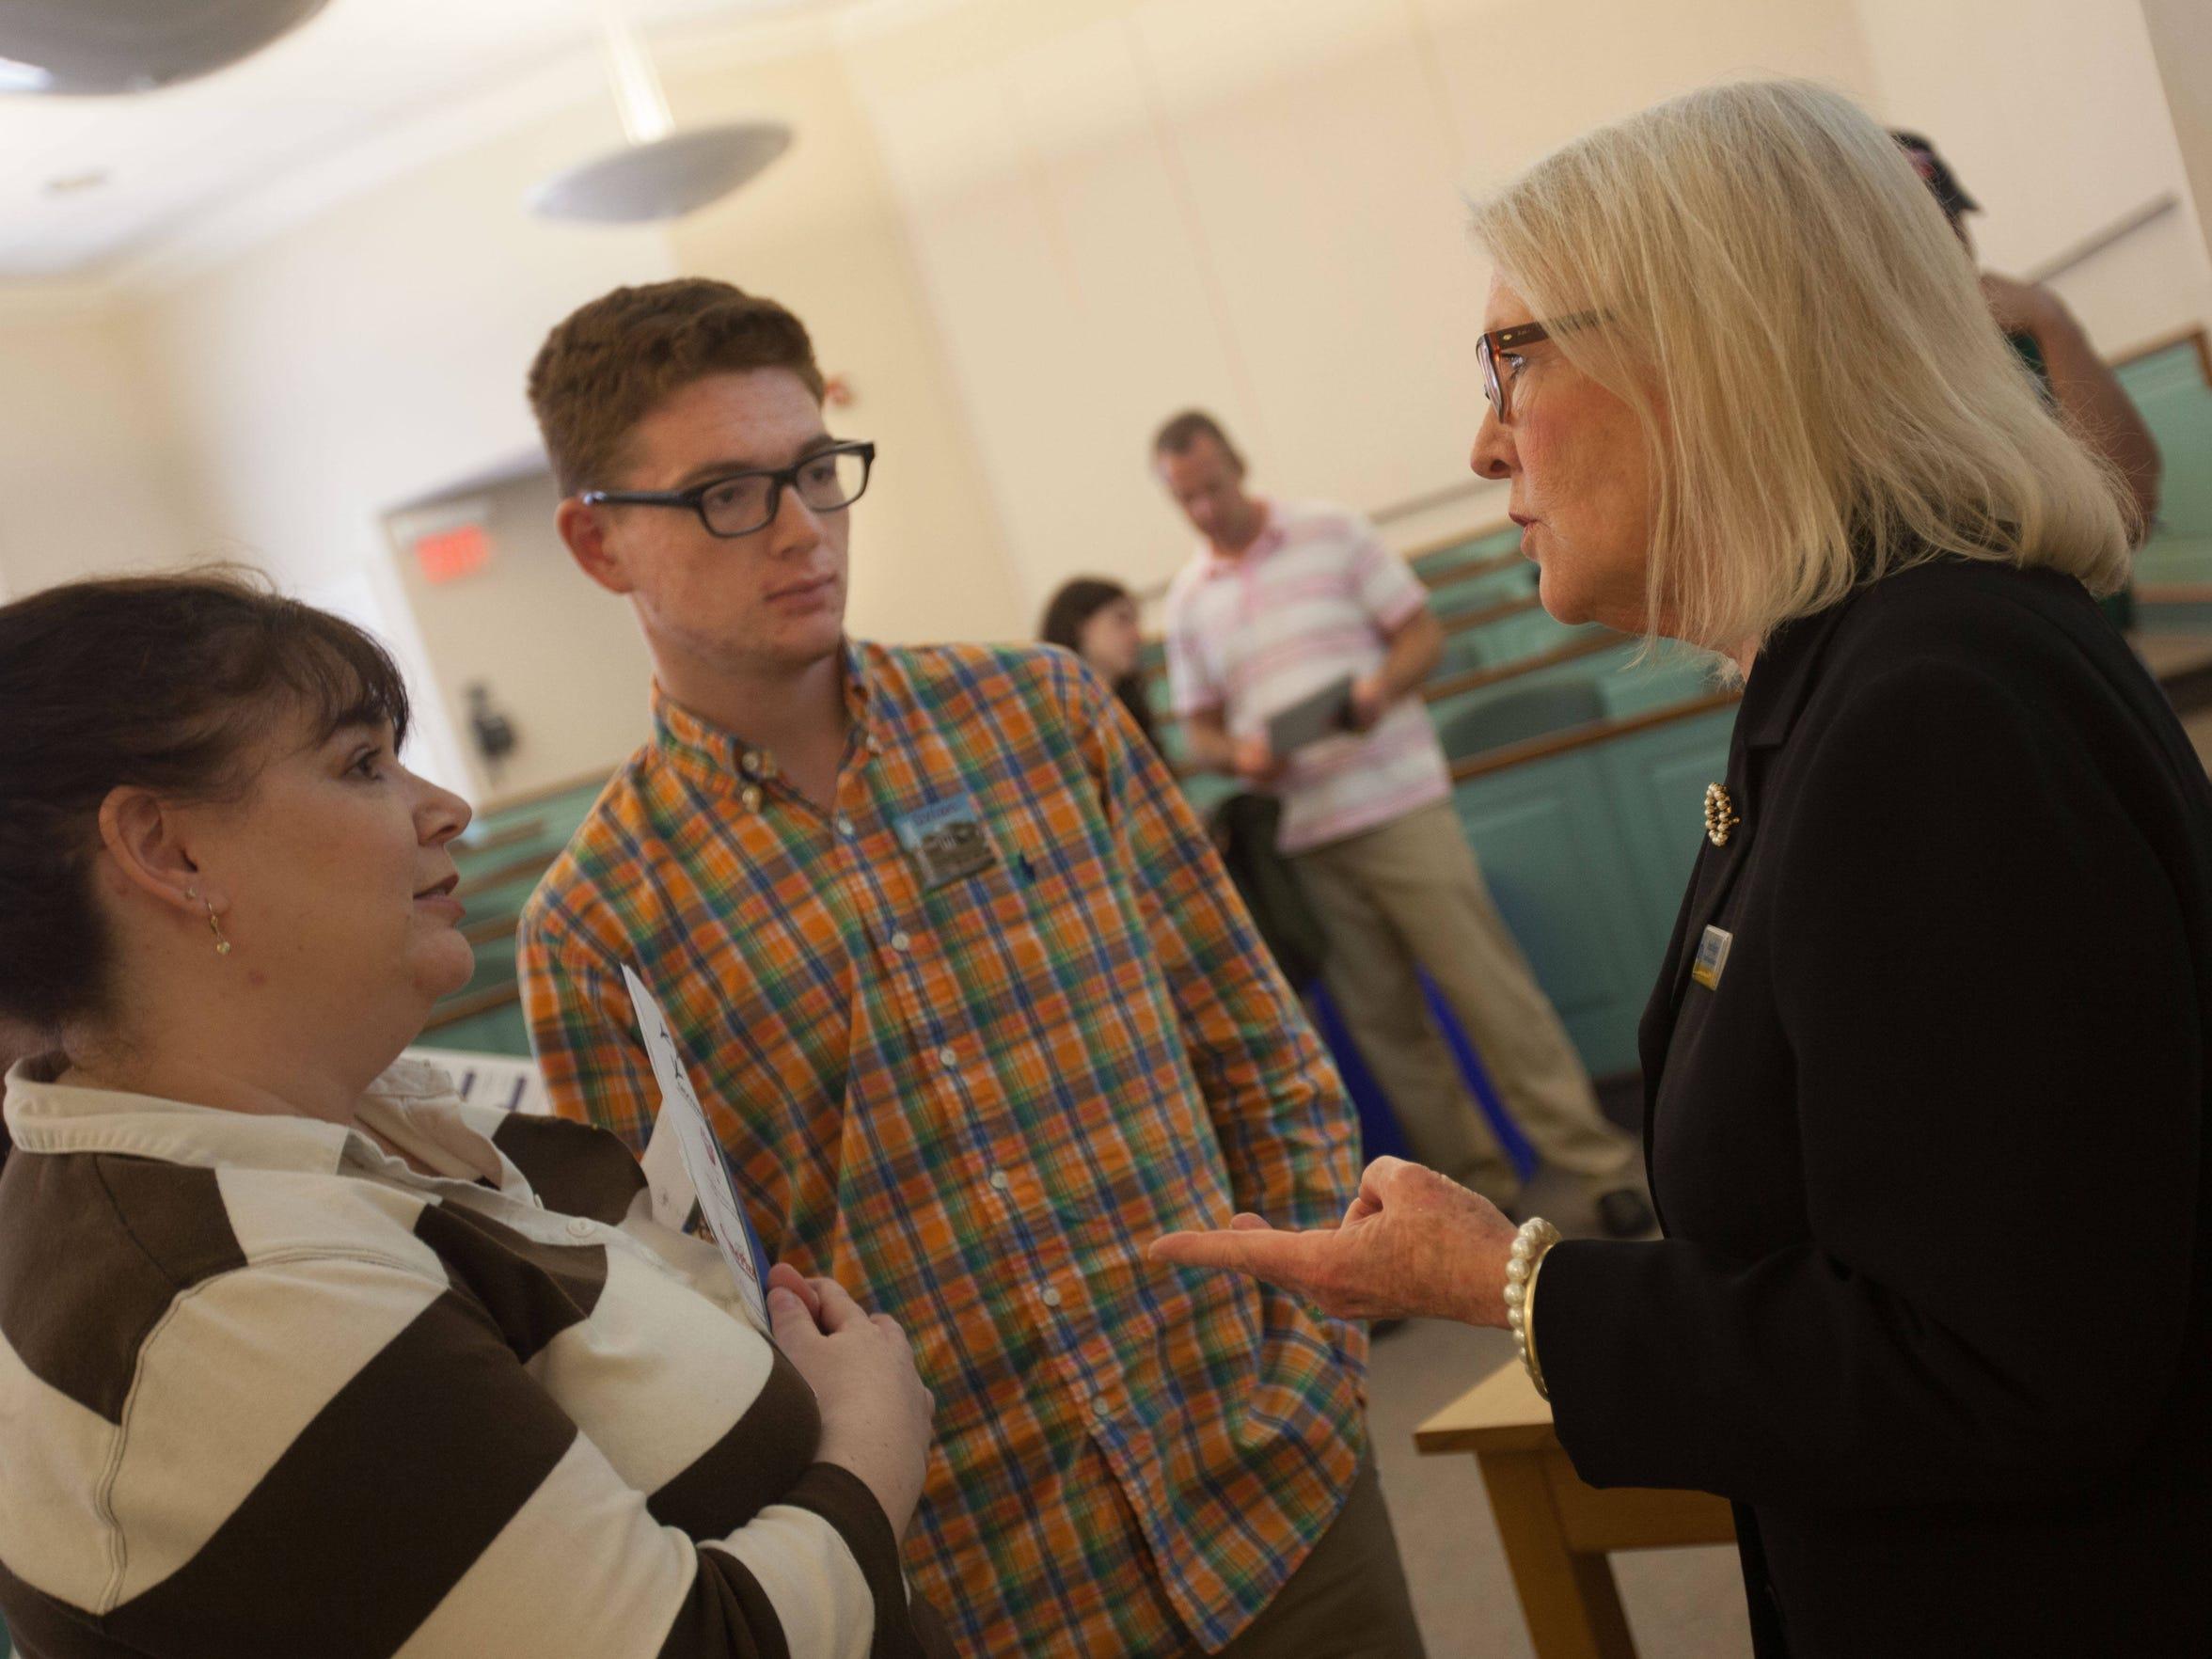 University of Delaware student financial advisor Donna